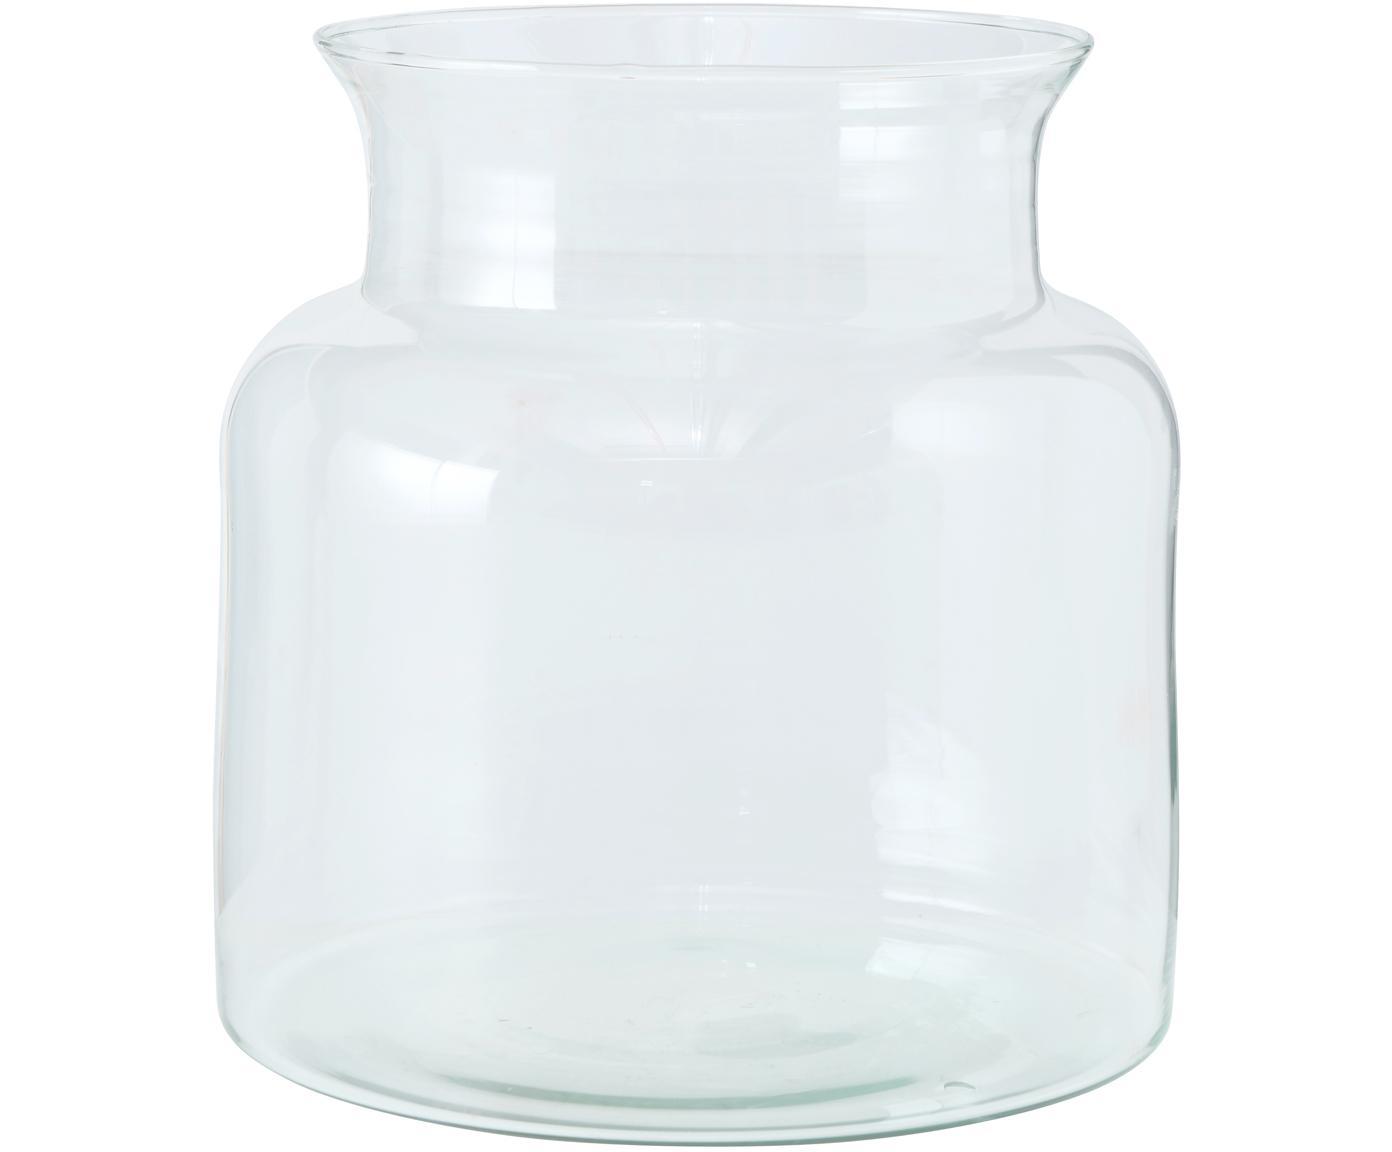 Handgemaakte vaas Eco van gerecycled glas, Gerecycled glas, Transparant, Ø 18 cm